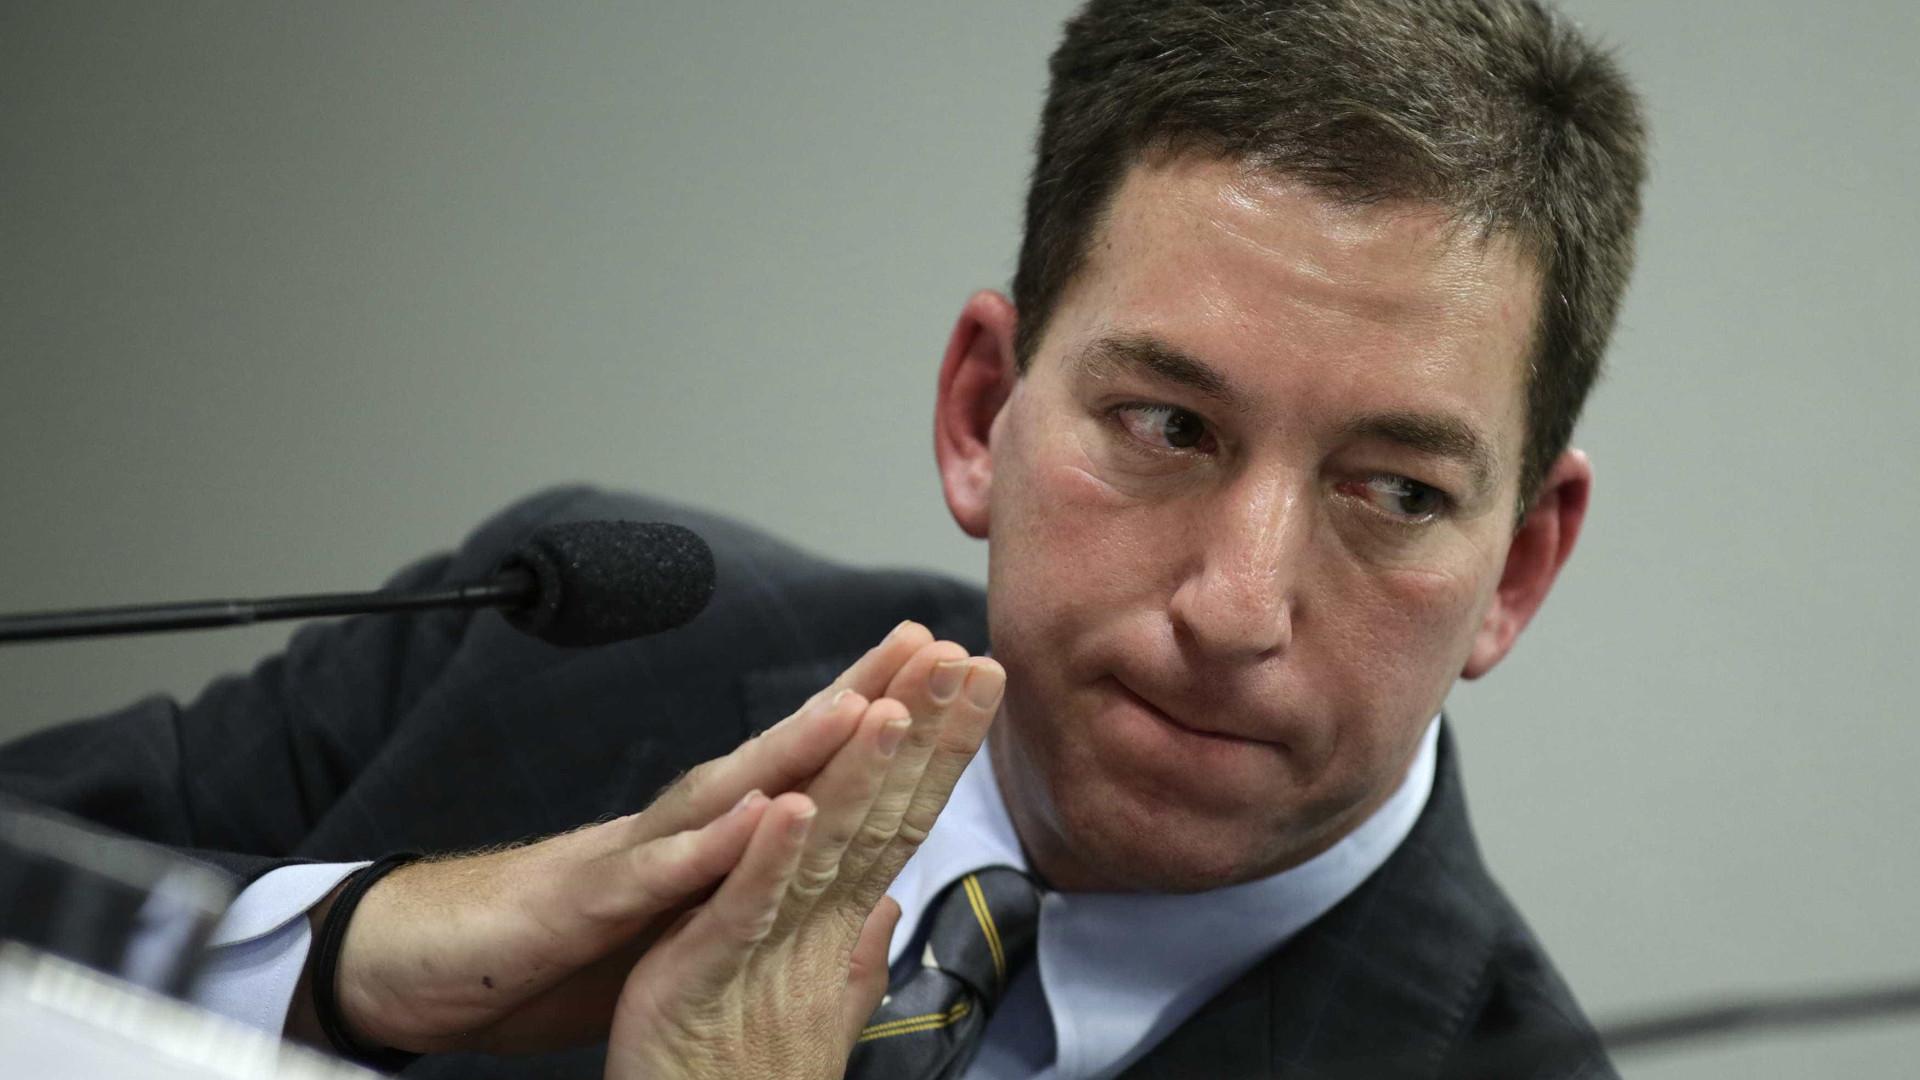 Blogueiro é condenado a pagar R$ 15 mil por ofender Glenn Greenwald